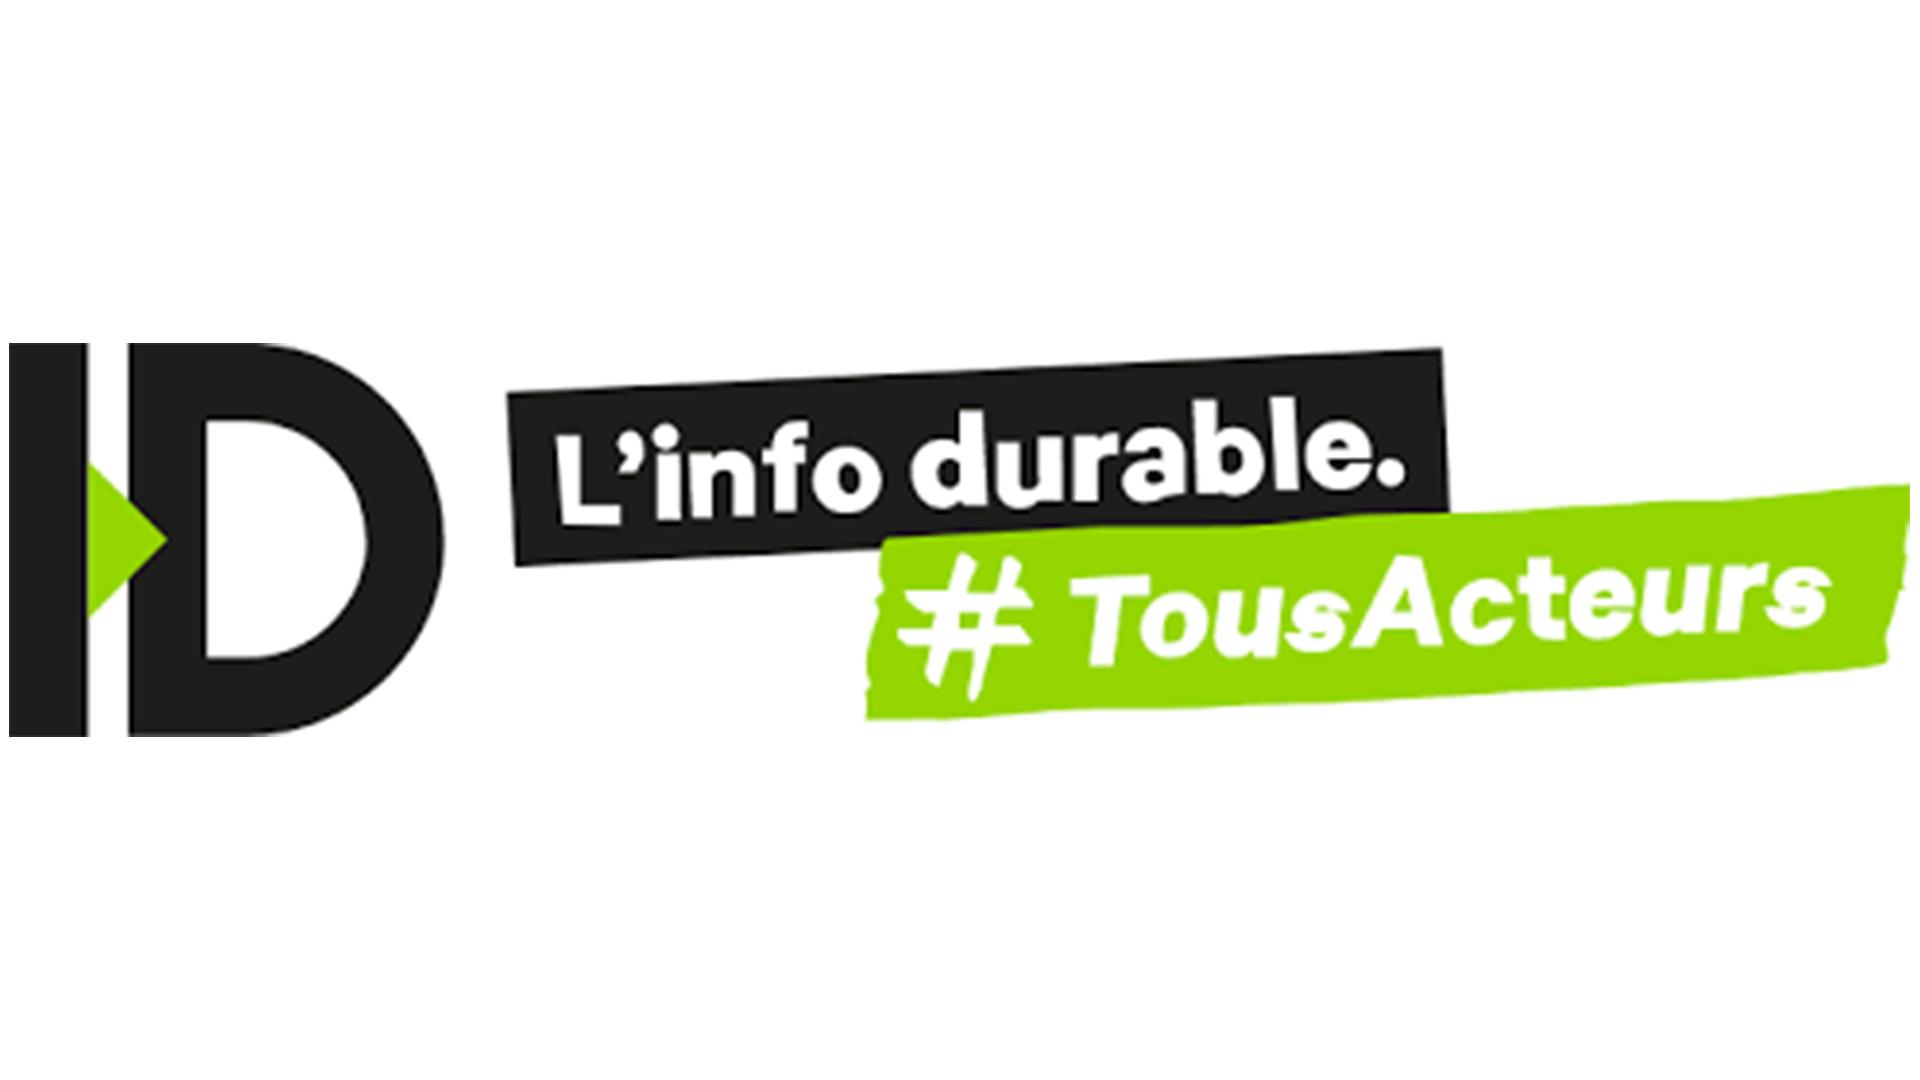 jour_de_la_terre_france_nouvelle_a_la_une_id_info_durable